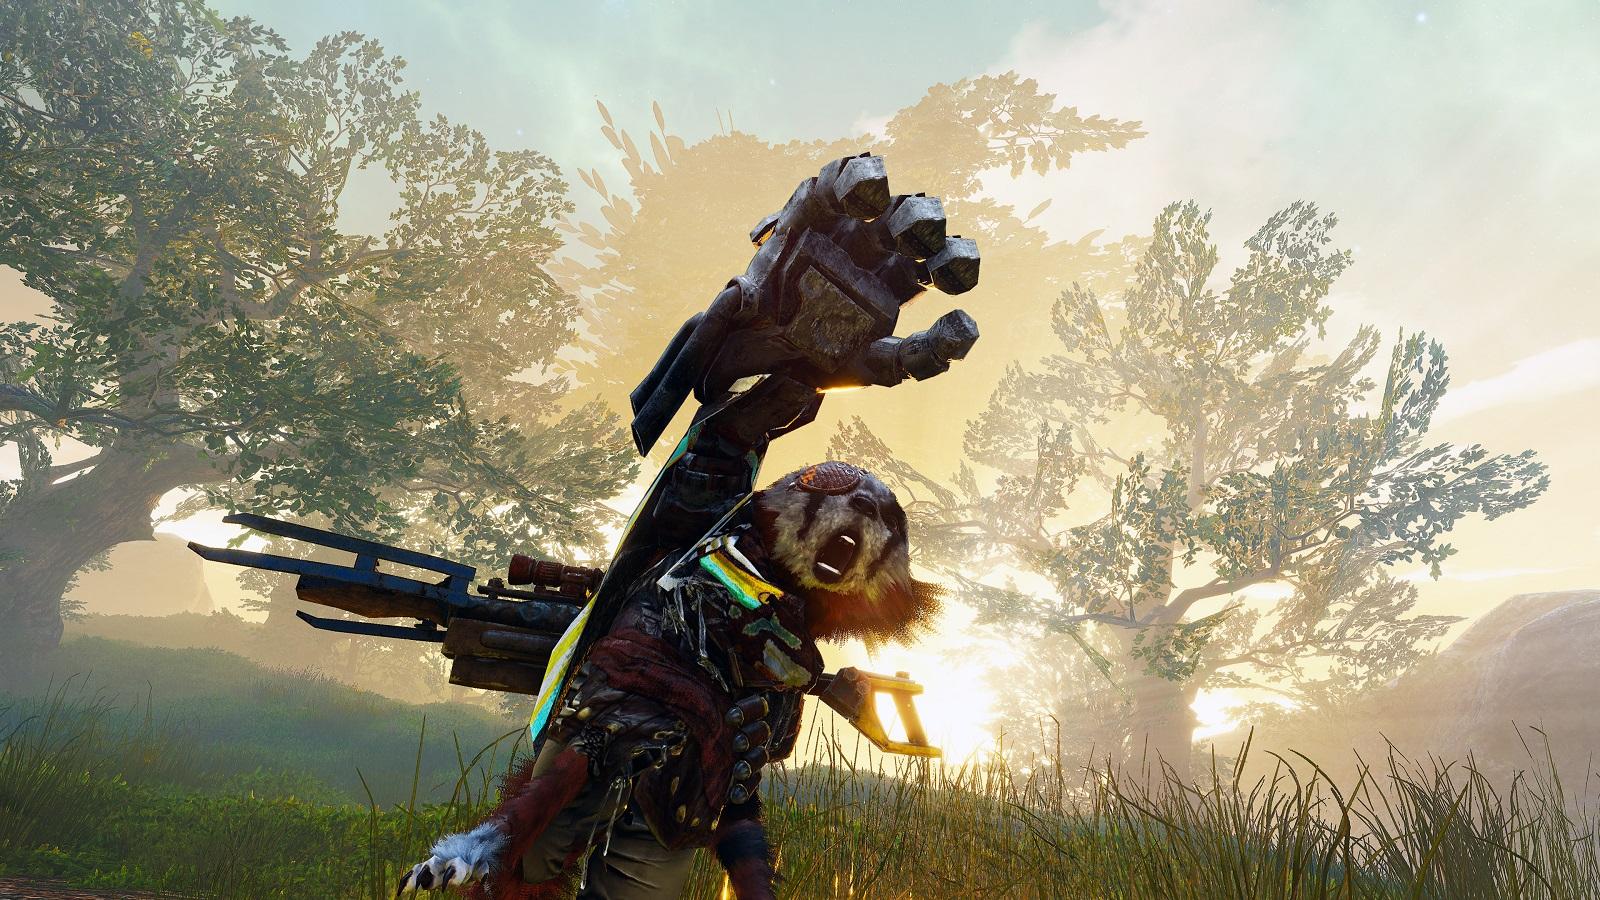 Многострадальный ролевой экшен Biomutant выйдет 25 мая на PC, PS4 и Xbox One